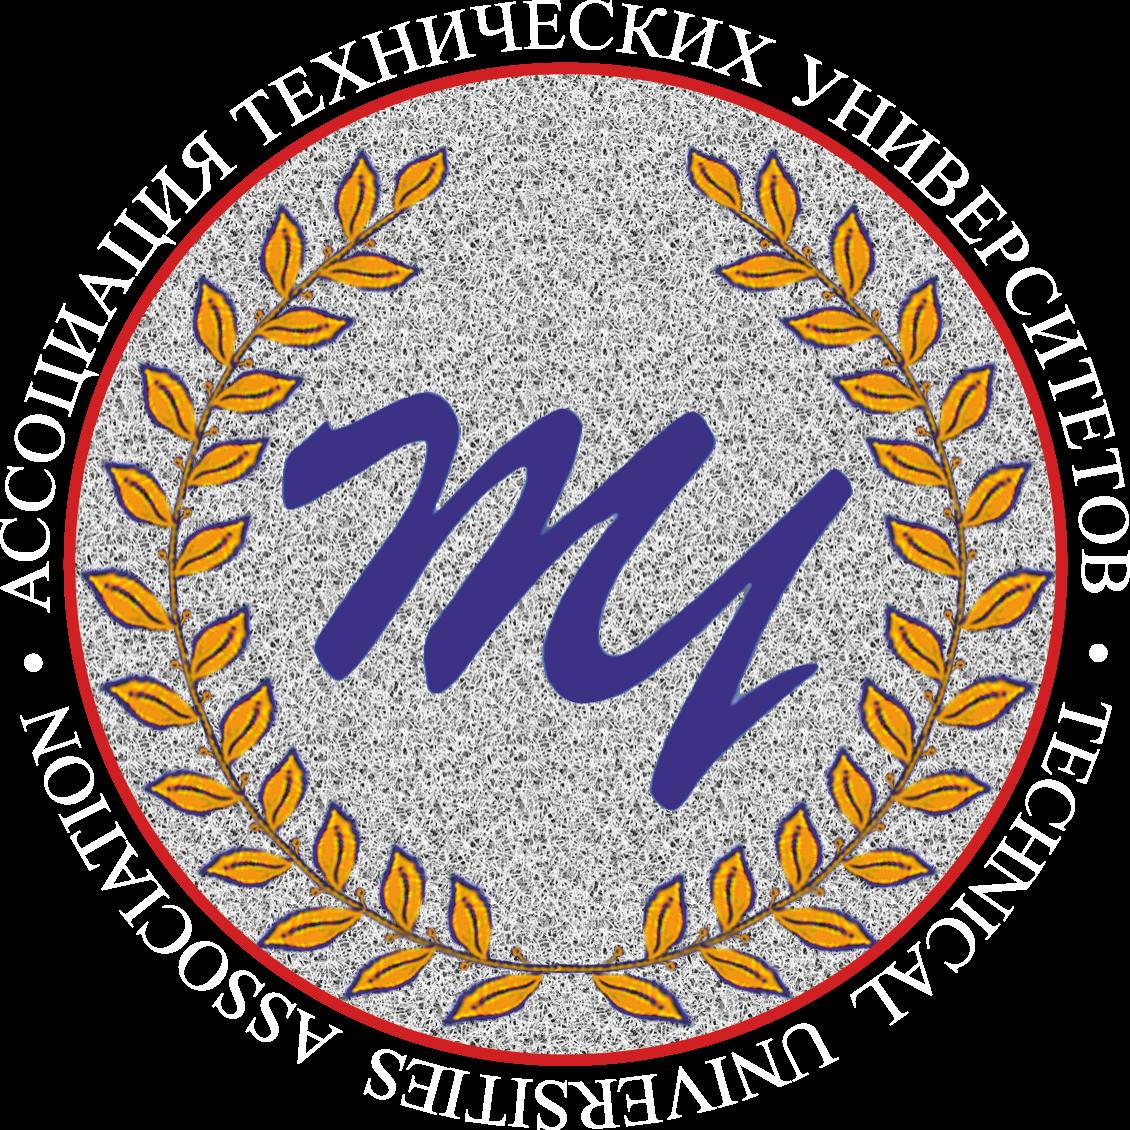 Логотип ассоциации технических университетов